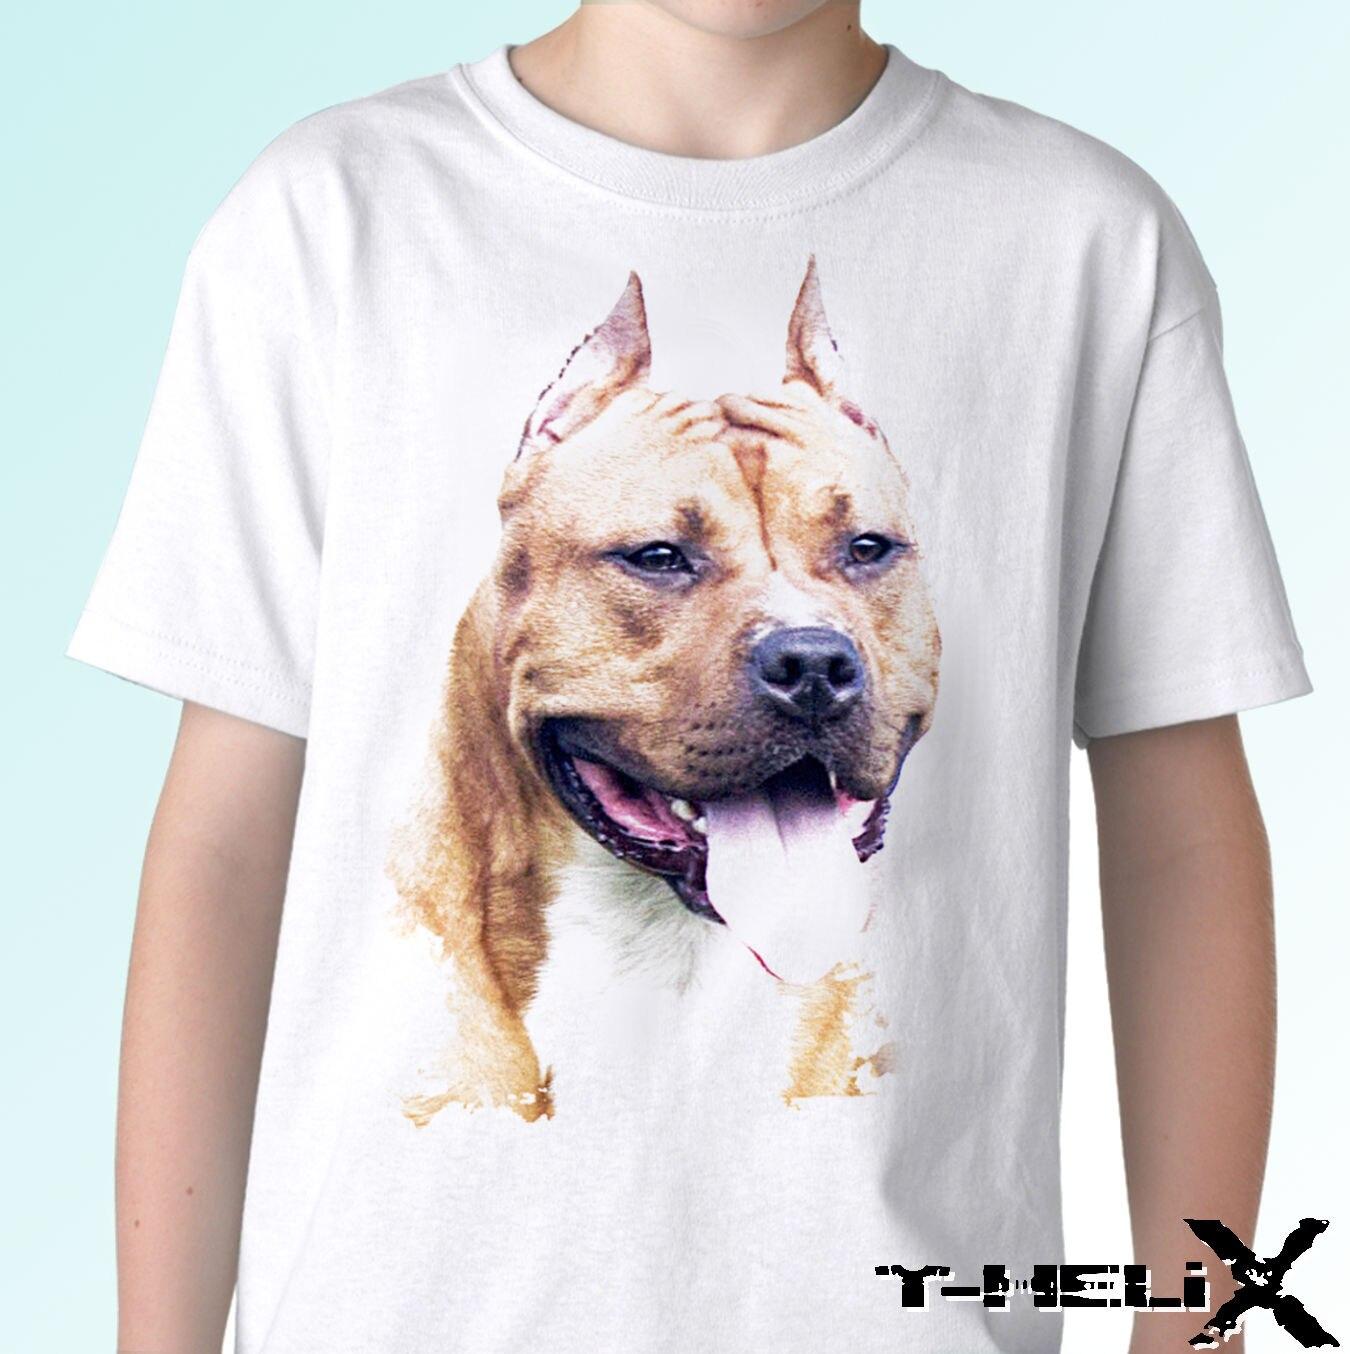 Camiseta Amstaff American staffordshire terrier, camiseta para hombres y mujeres, camisetas streetwear pride, camiseta para hombres, envío gratis